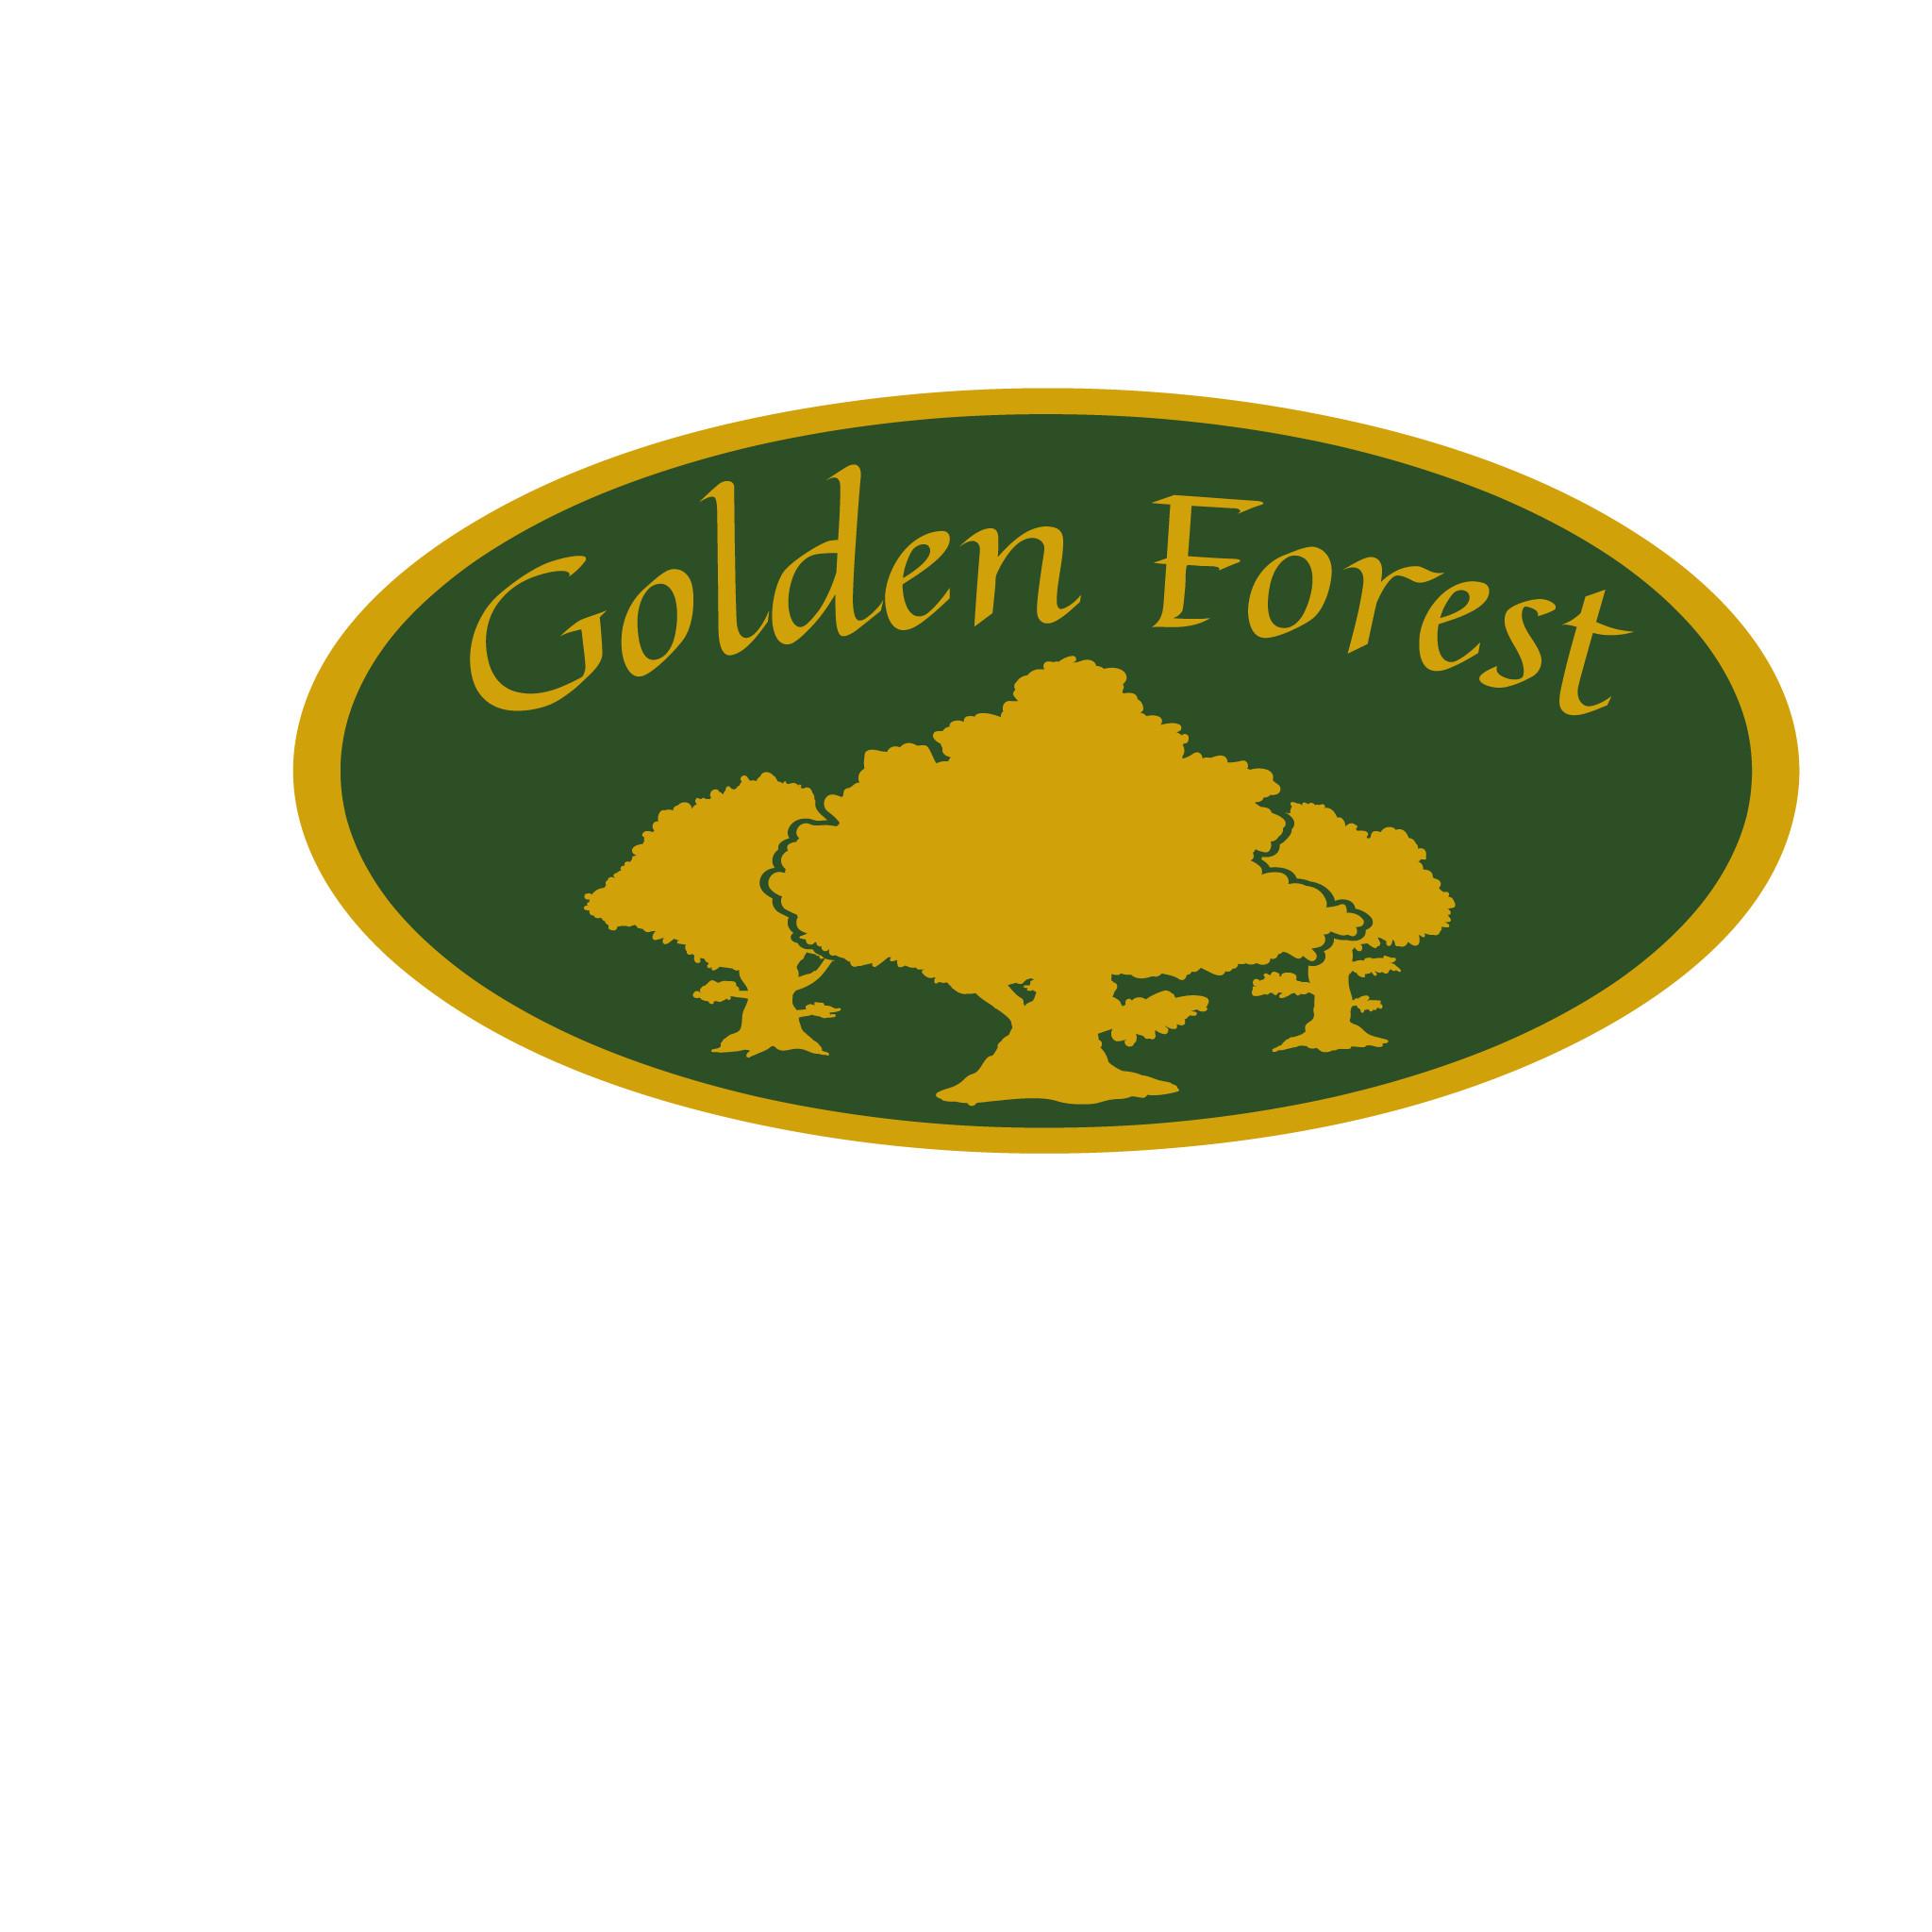 Golden Forest Logo - Inverted